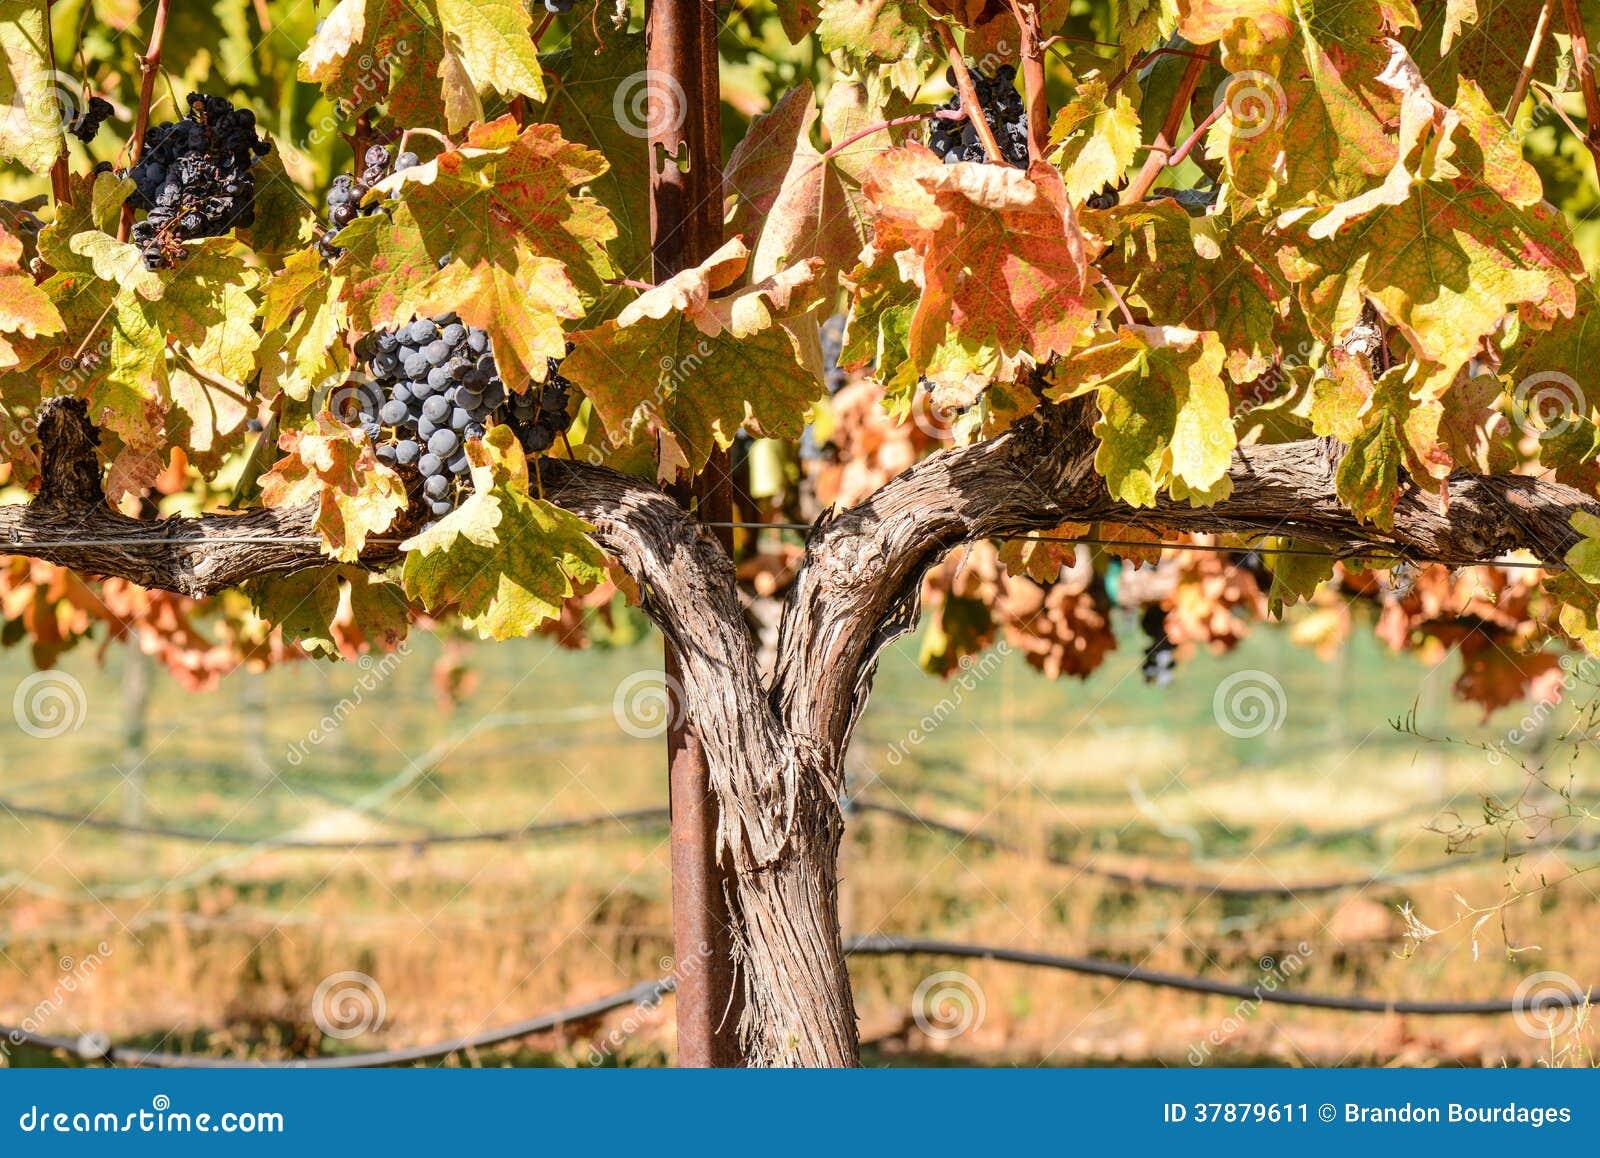 Wijnstok in Daling